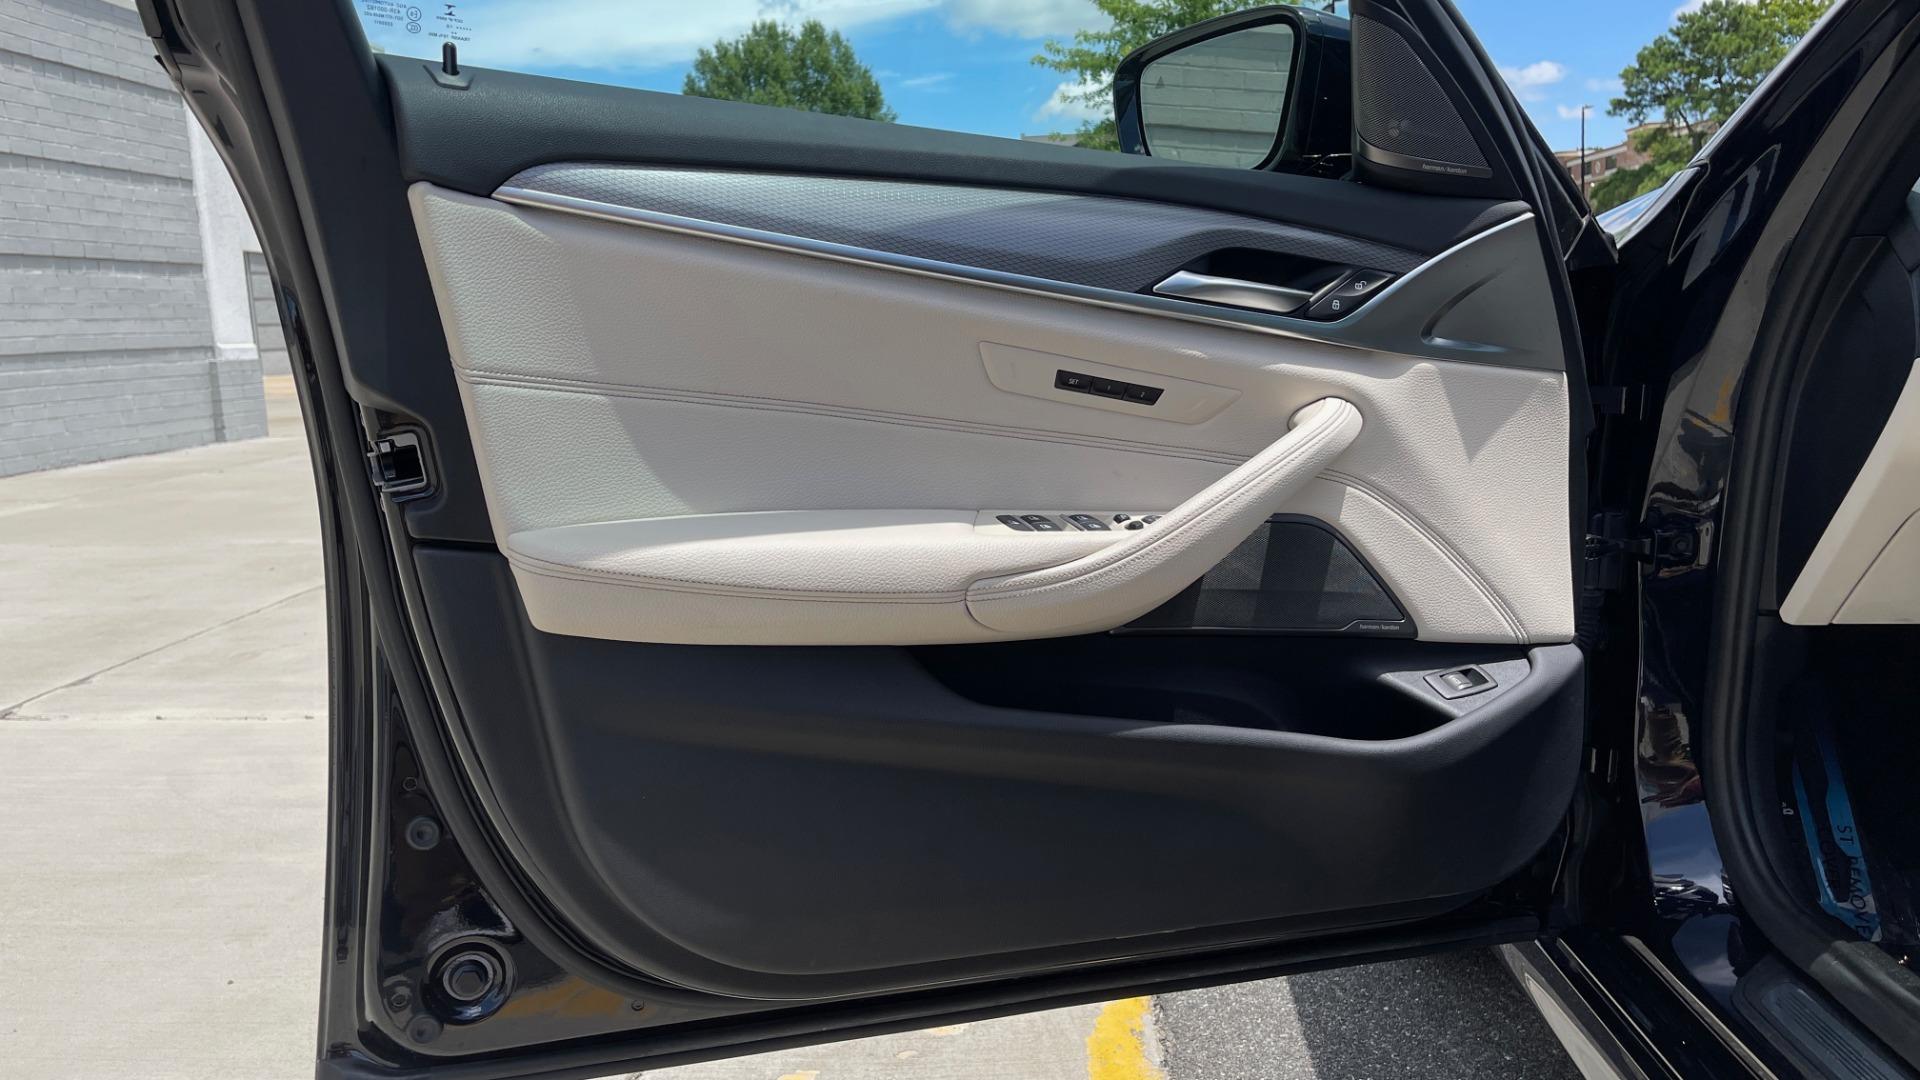 Used 2018 BMW 5 SERIES 540I M-SPORT / EXECUTIVE PKG / DRVR ASST PKG / BLIND SPOT / LANE DEPART for sale $40,995 at Formula Imports in Charlotte NC 28227 33